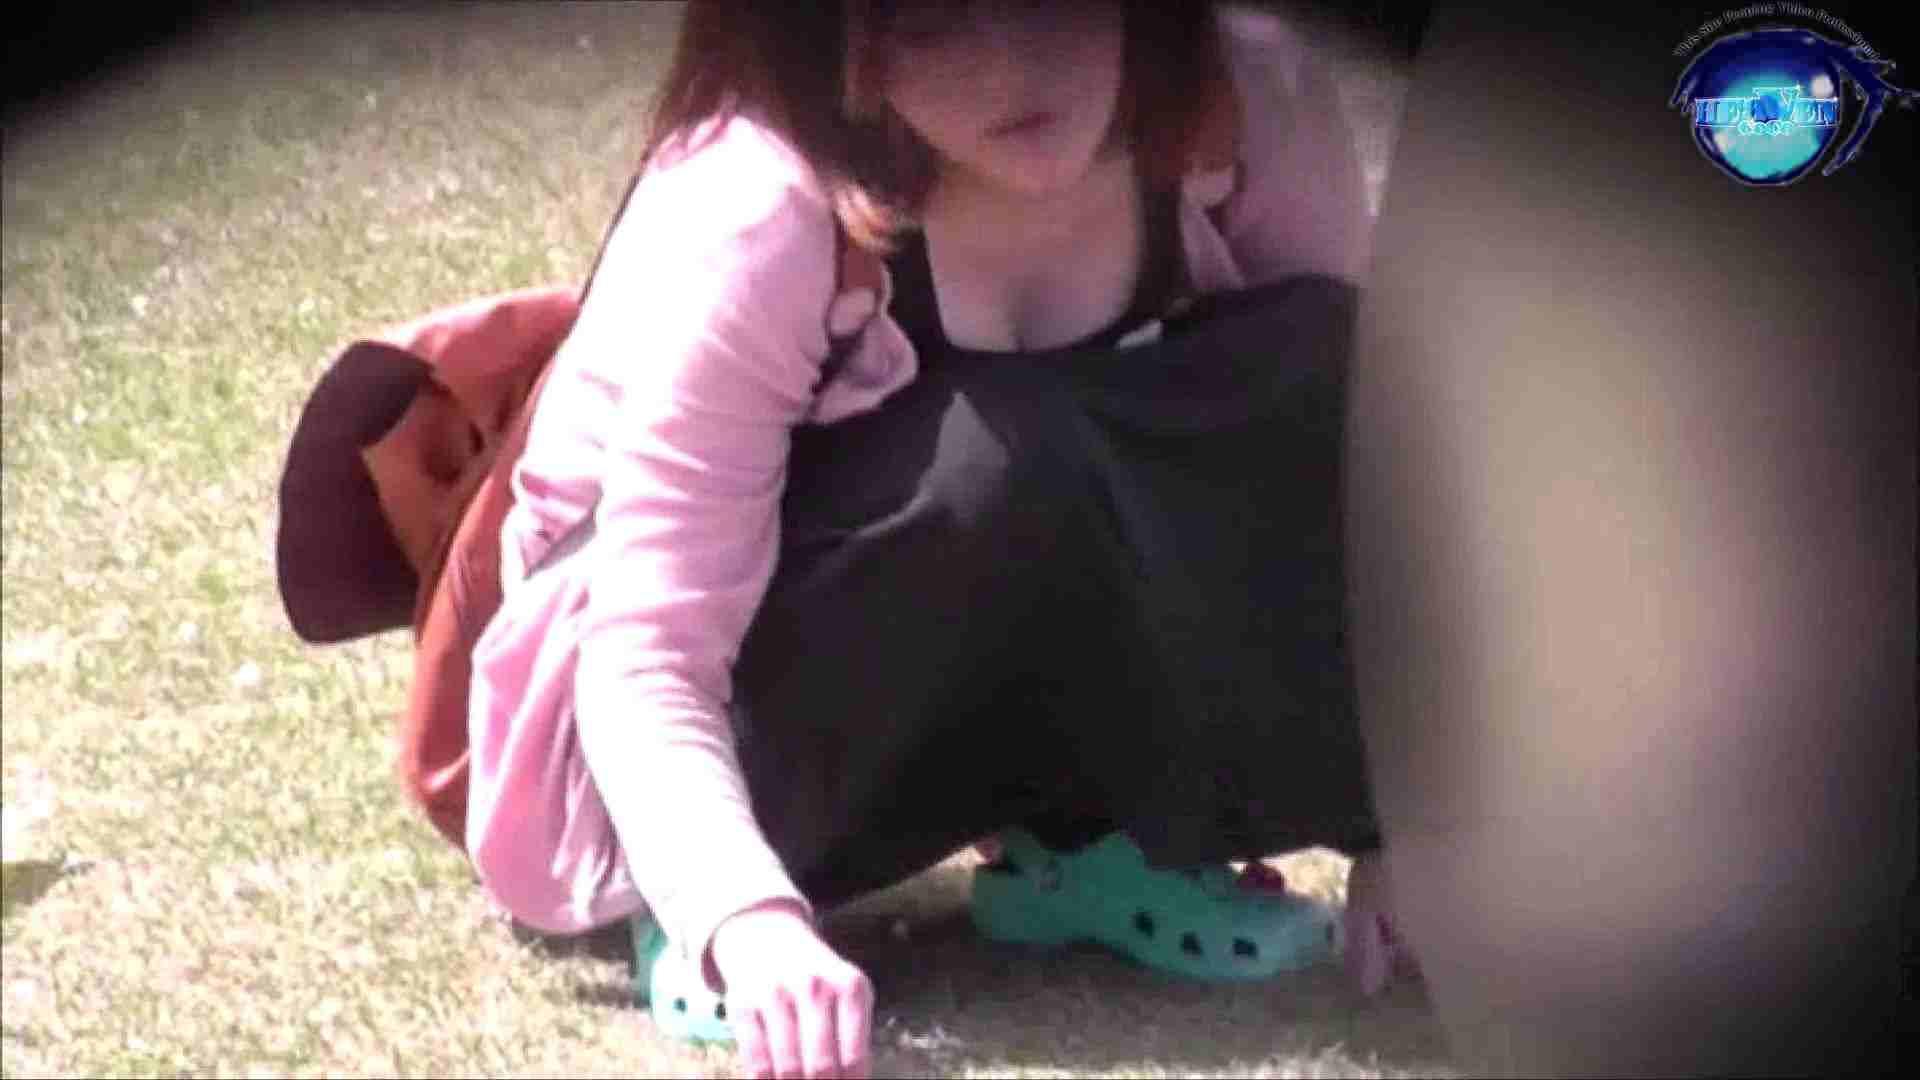 若奥さんおもいっきり生おっぱい vol.16 ギャルのおっぱい オメコ無修正動画無料 107連発 89